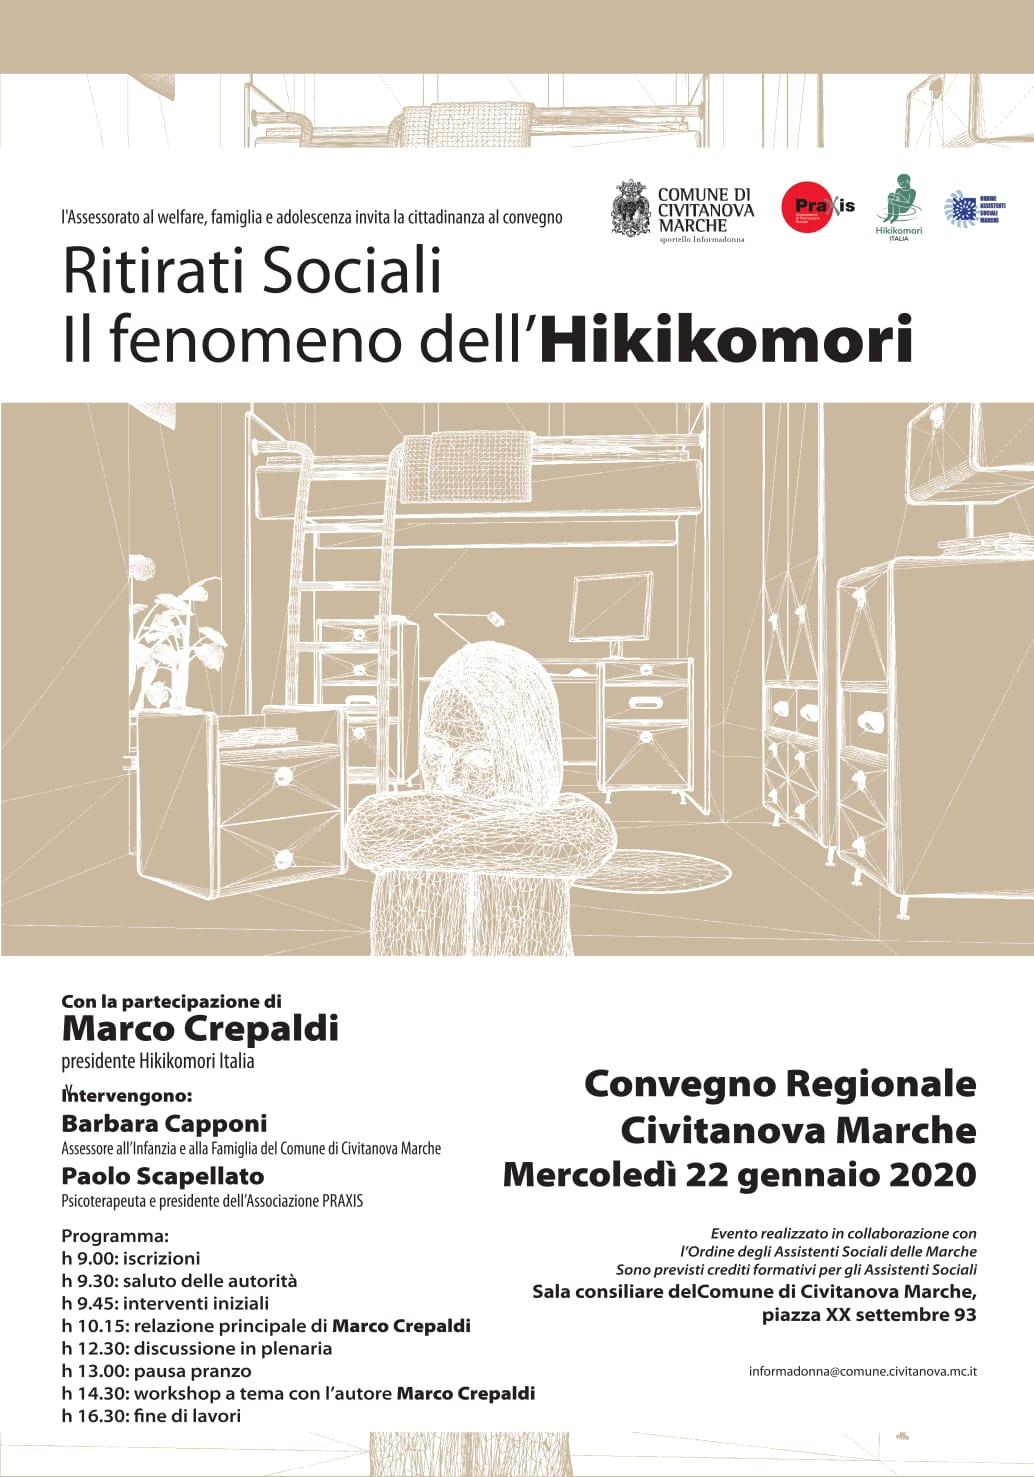 CONVEGNO REGIONALE - CIVITANOVA MARCHE - RITIRATI SOCIALI IL FENOMENO HIKIKIMORI